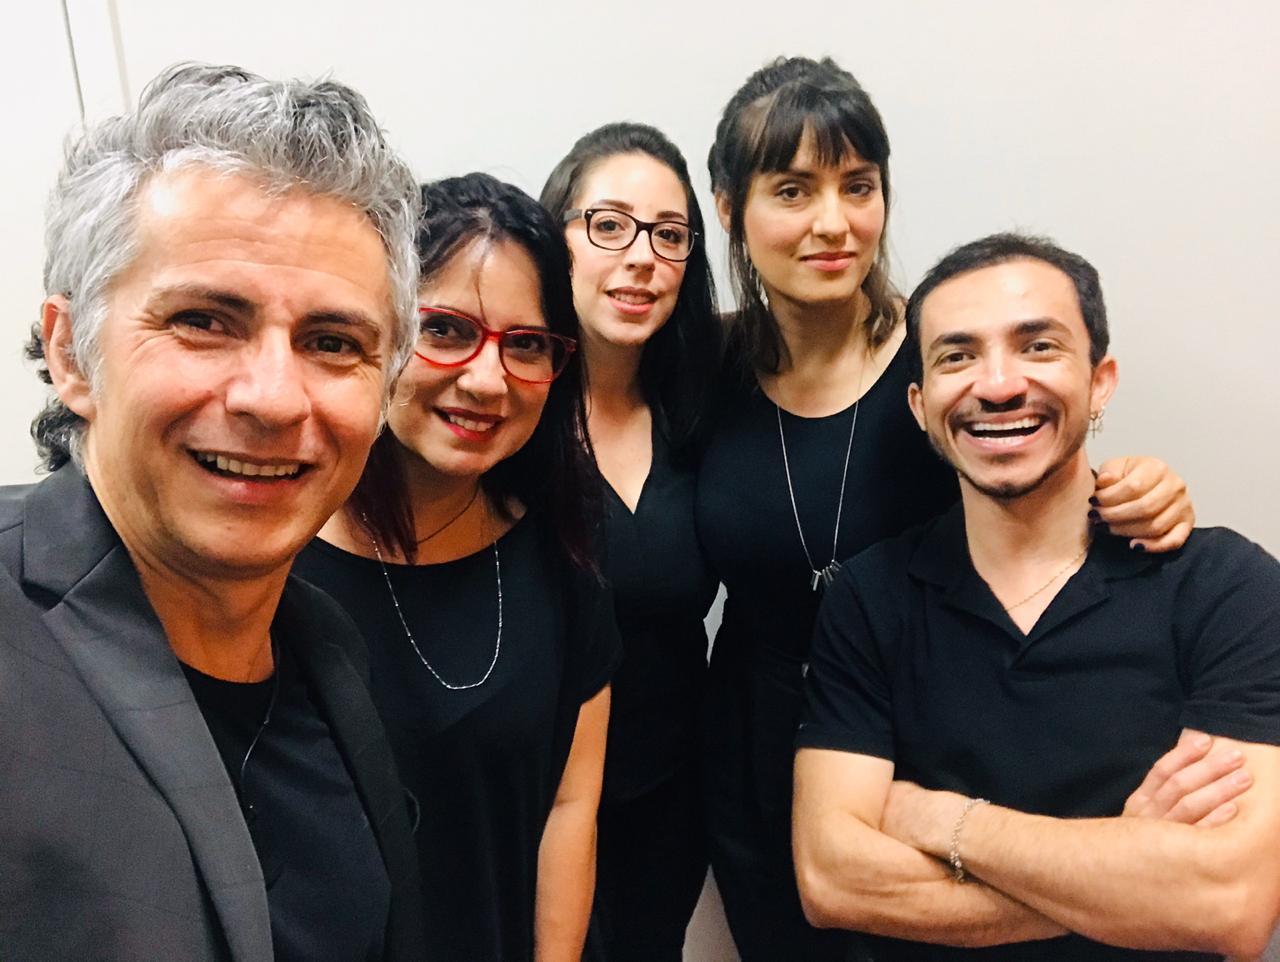 Cabeleireiro e maquiador oeirense participa de reality show no 'Hoje em Dia' da Record TV 4